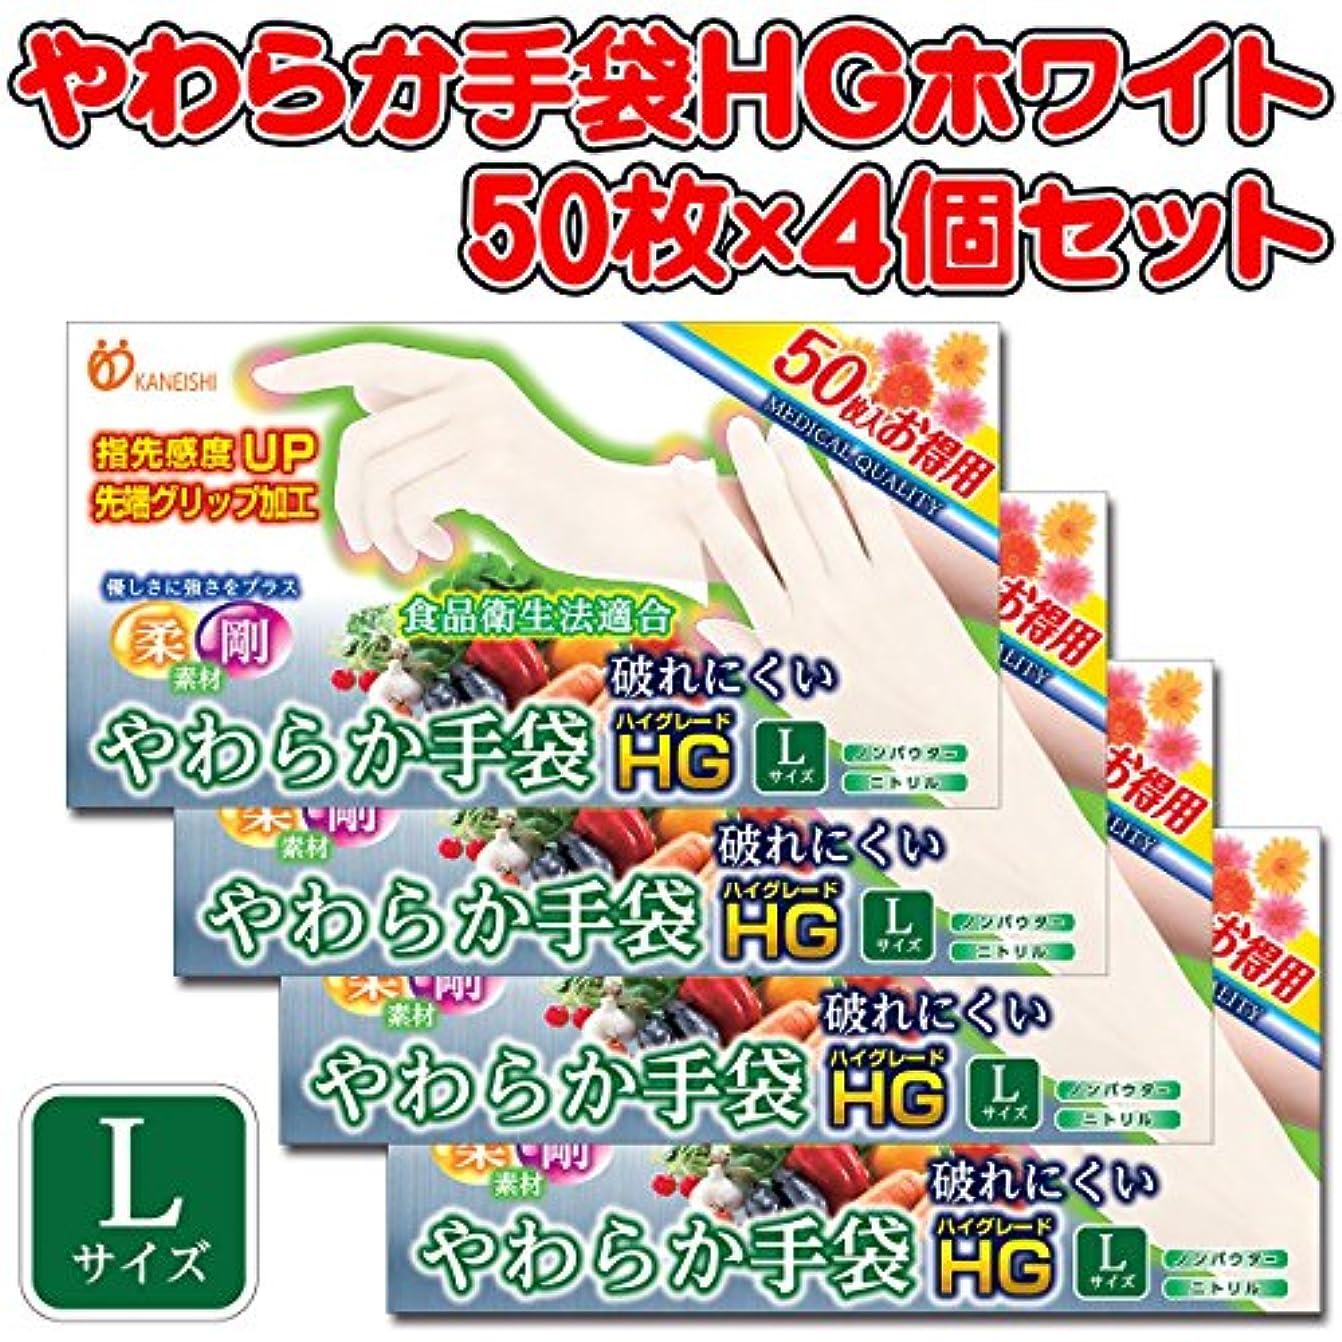 あごひげ消毒剤ガレージやわらか手袋HG 二トリル手袋 パウダーフリー Lサイズ 50枚×4個セット(単品1個)